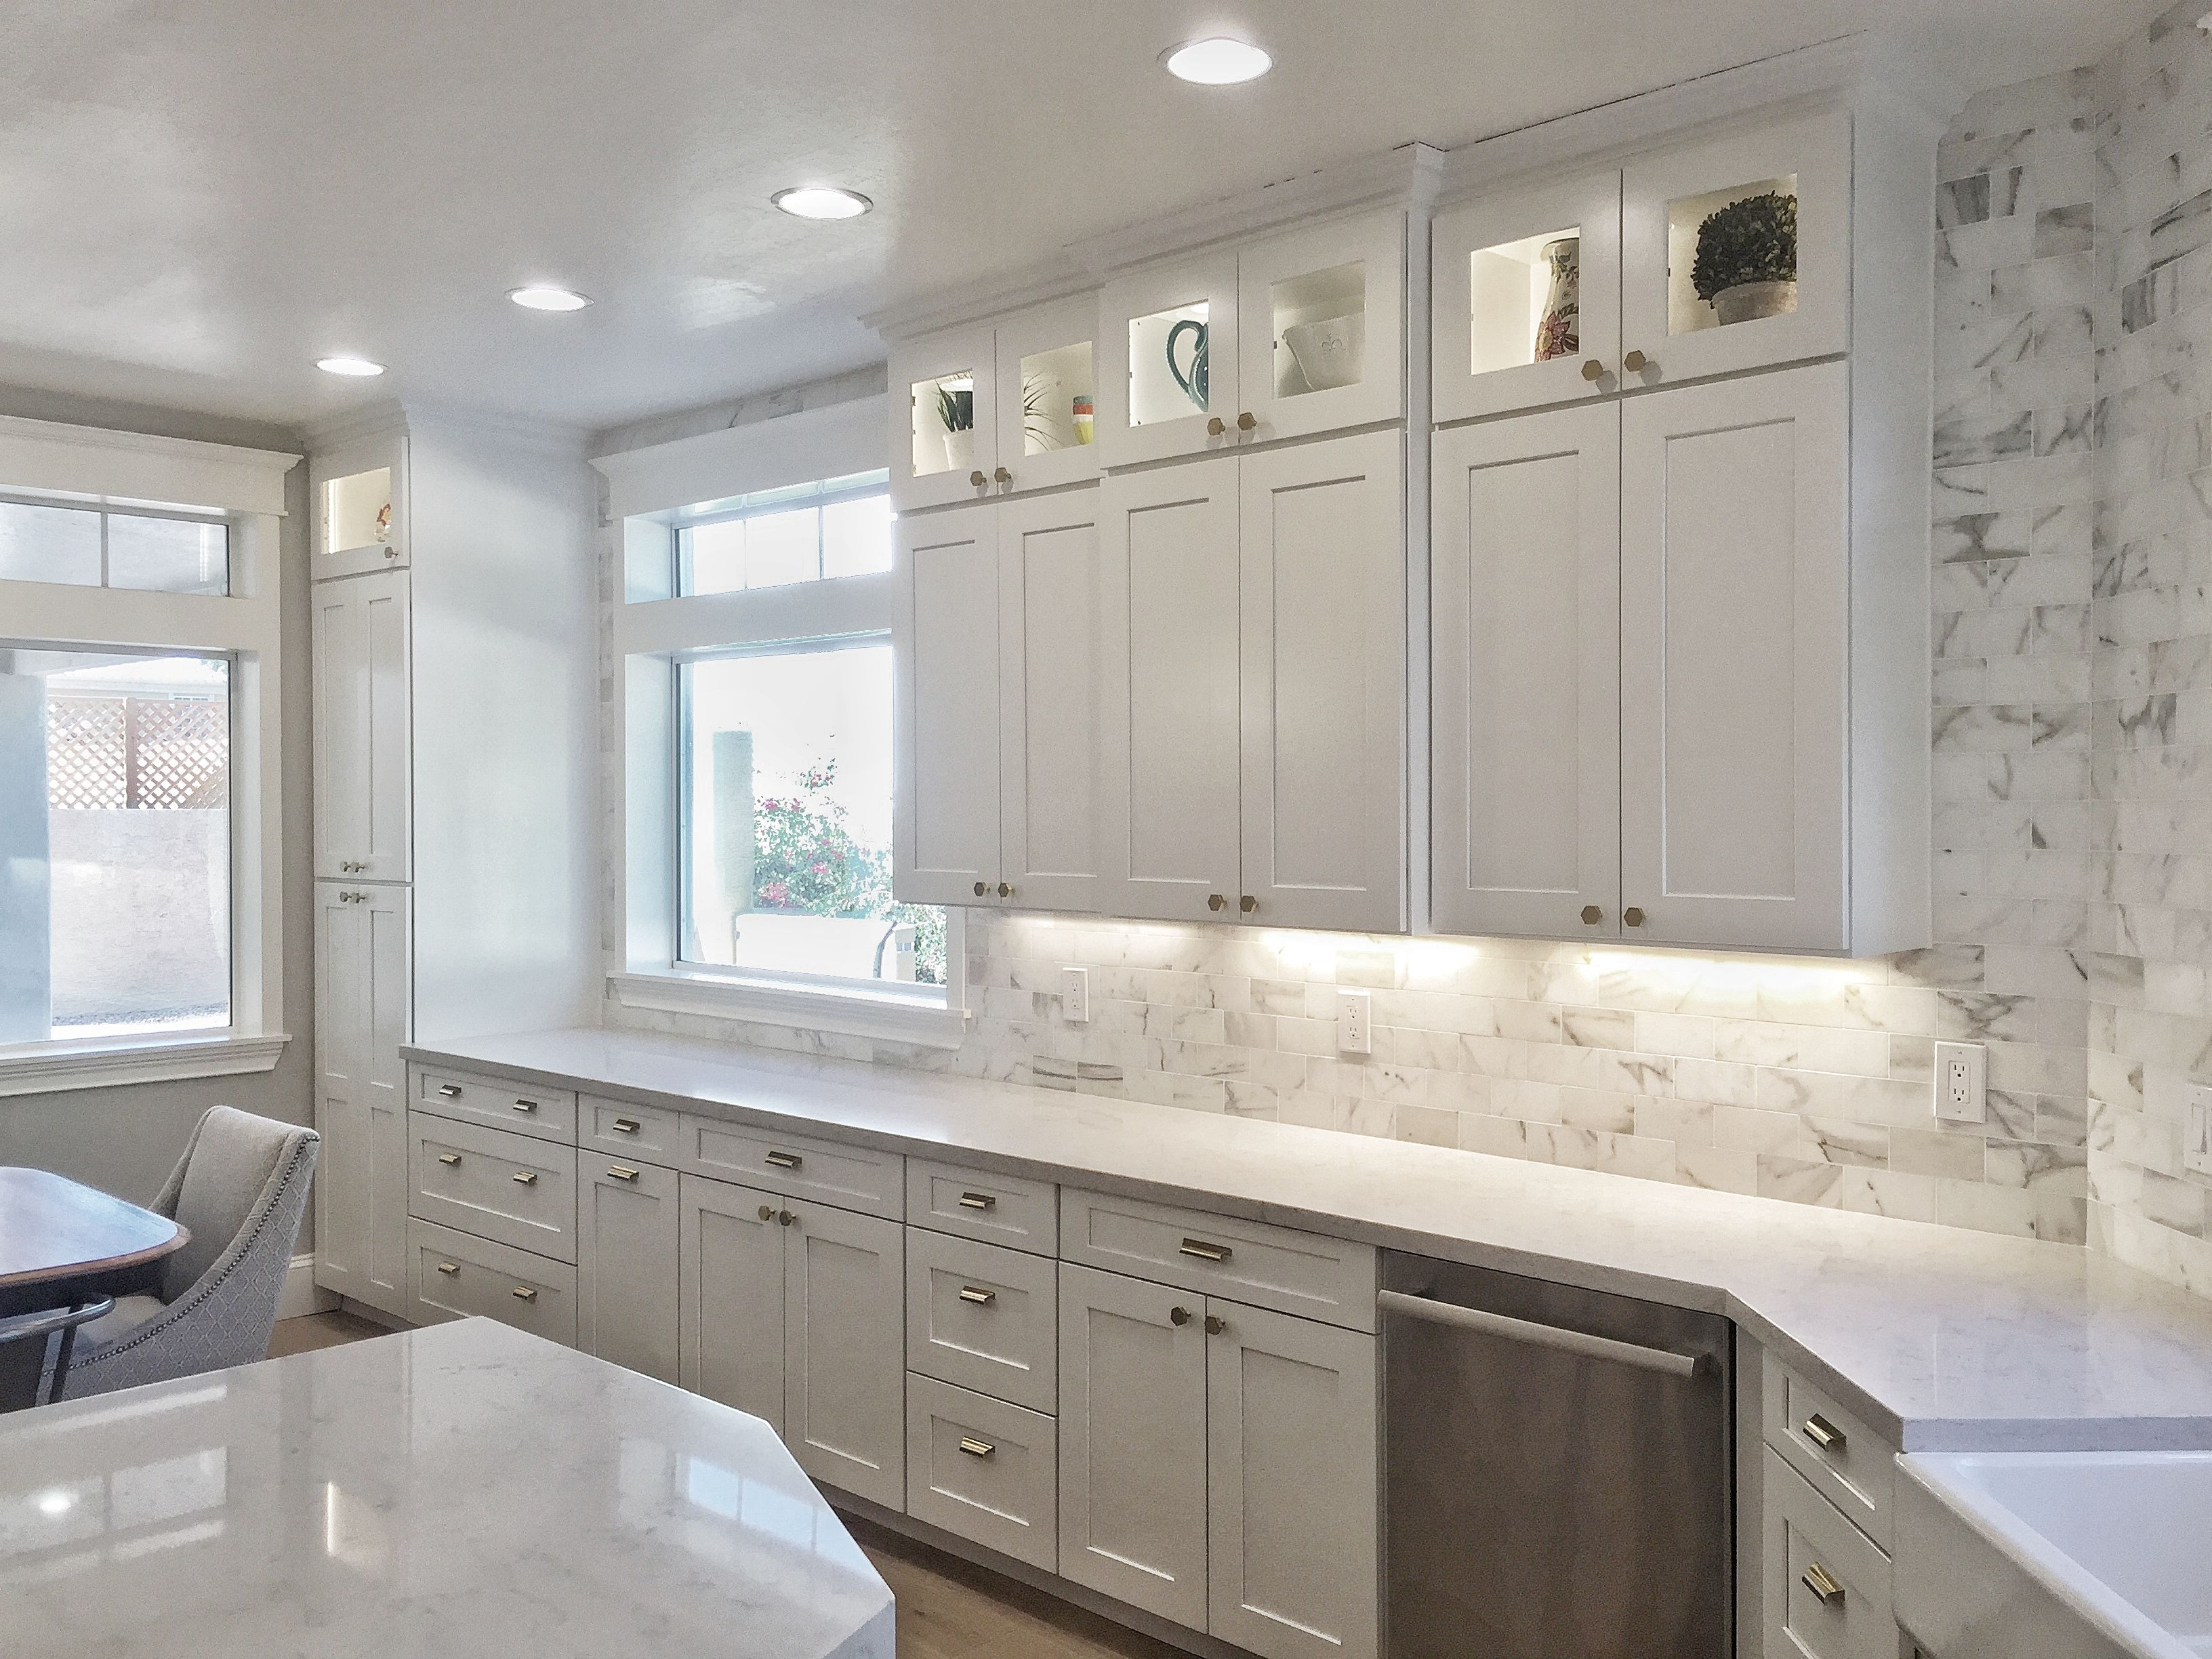 Home Custom Kitchens Design Kitchen Inspirations Classic Kitchens